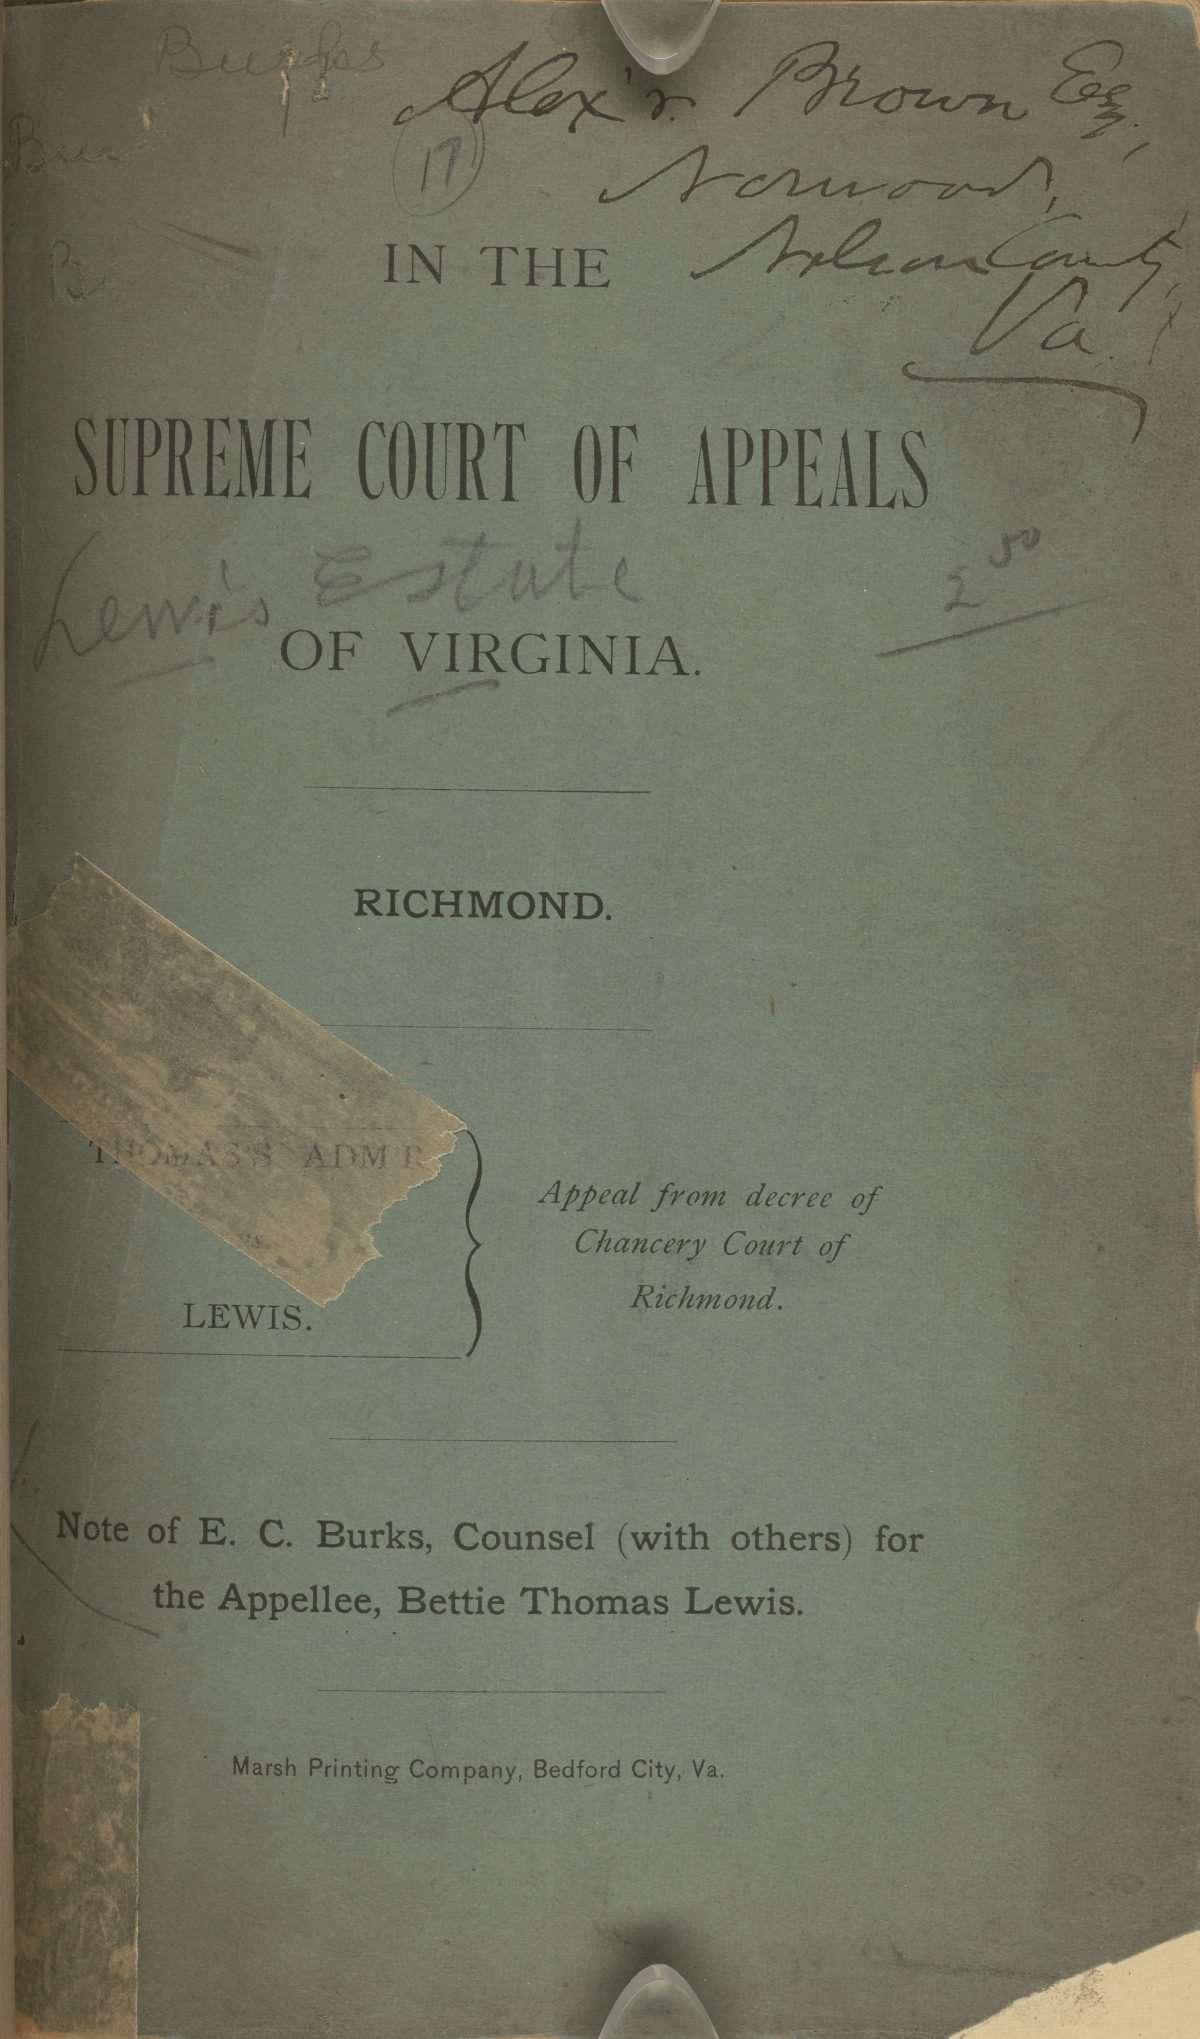 Note of E. C. Burks